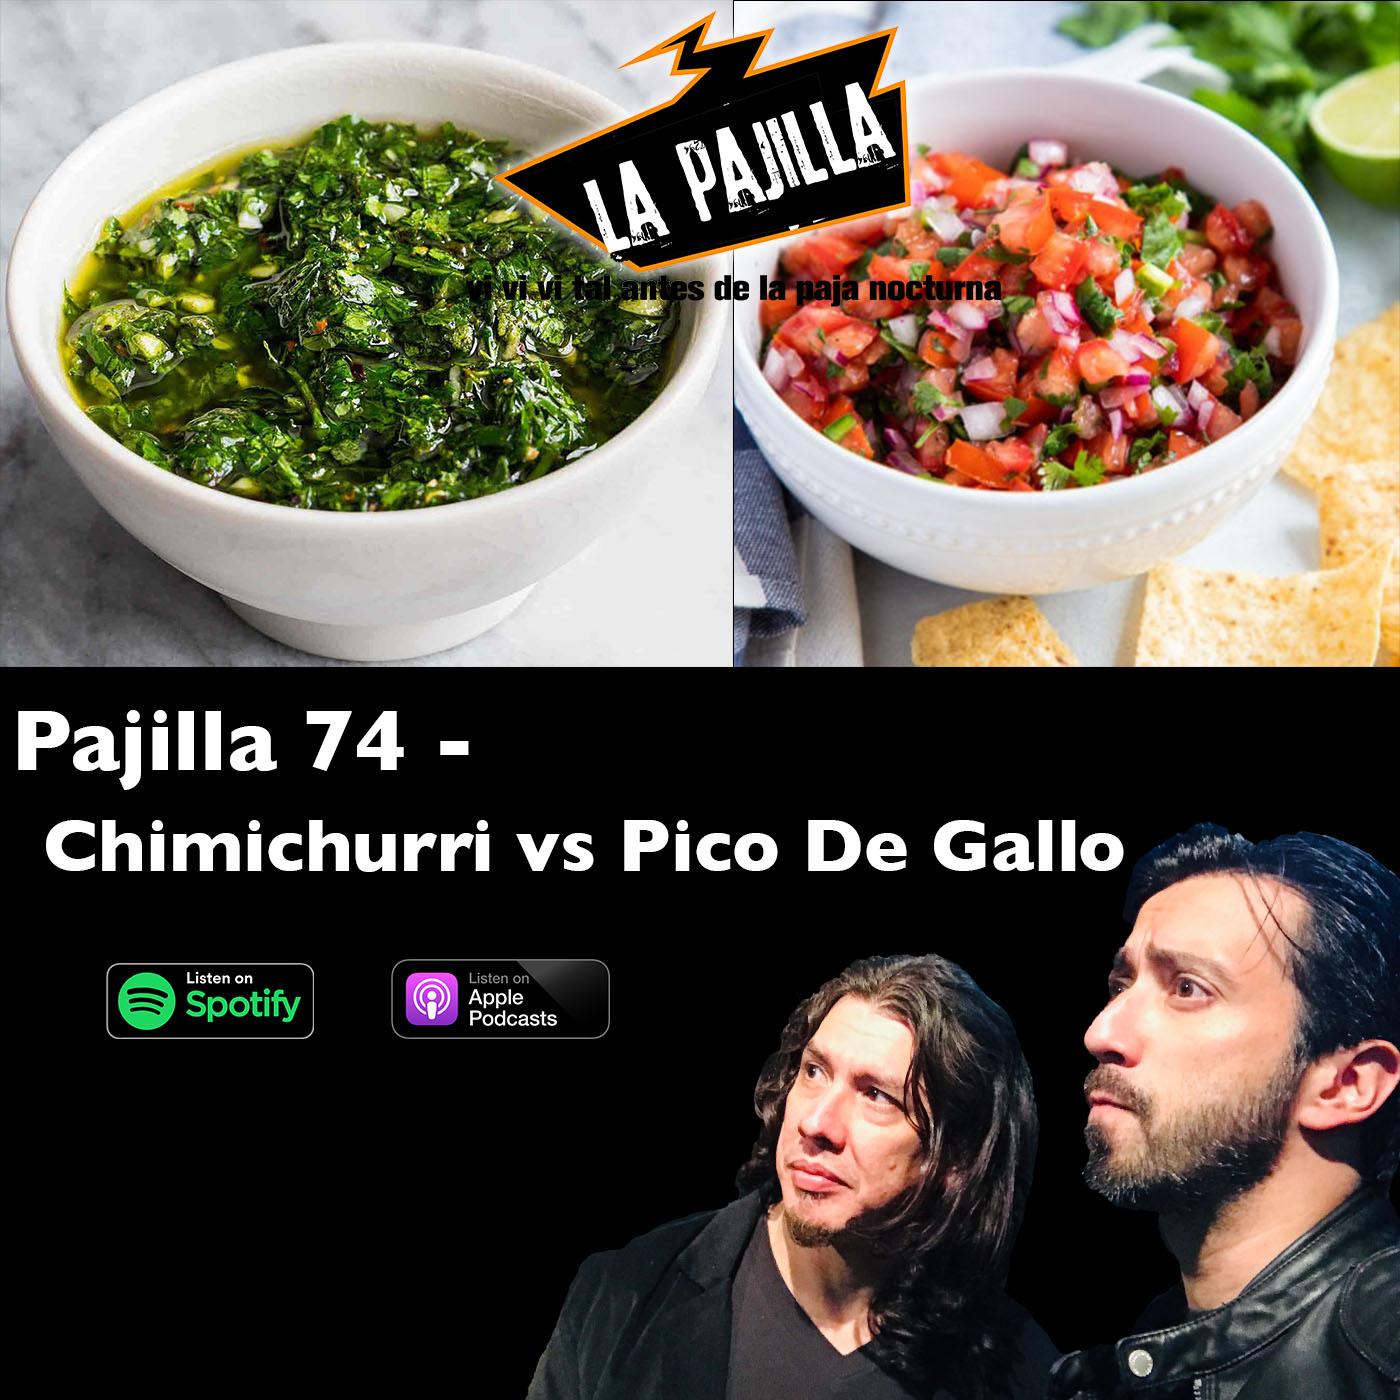 La Paja Nocturna Podcast CR Pajilla 74